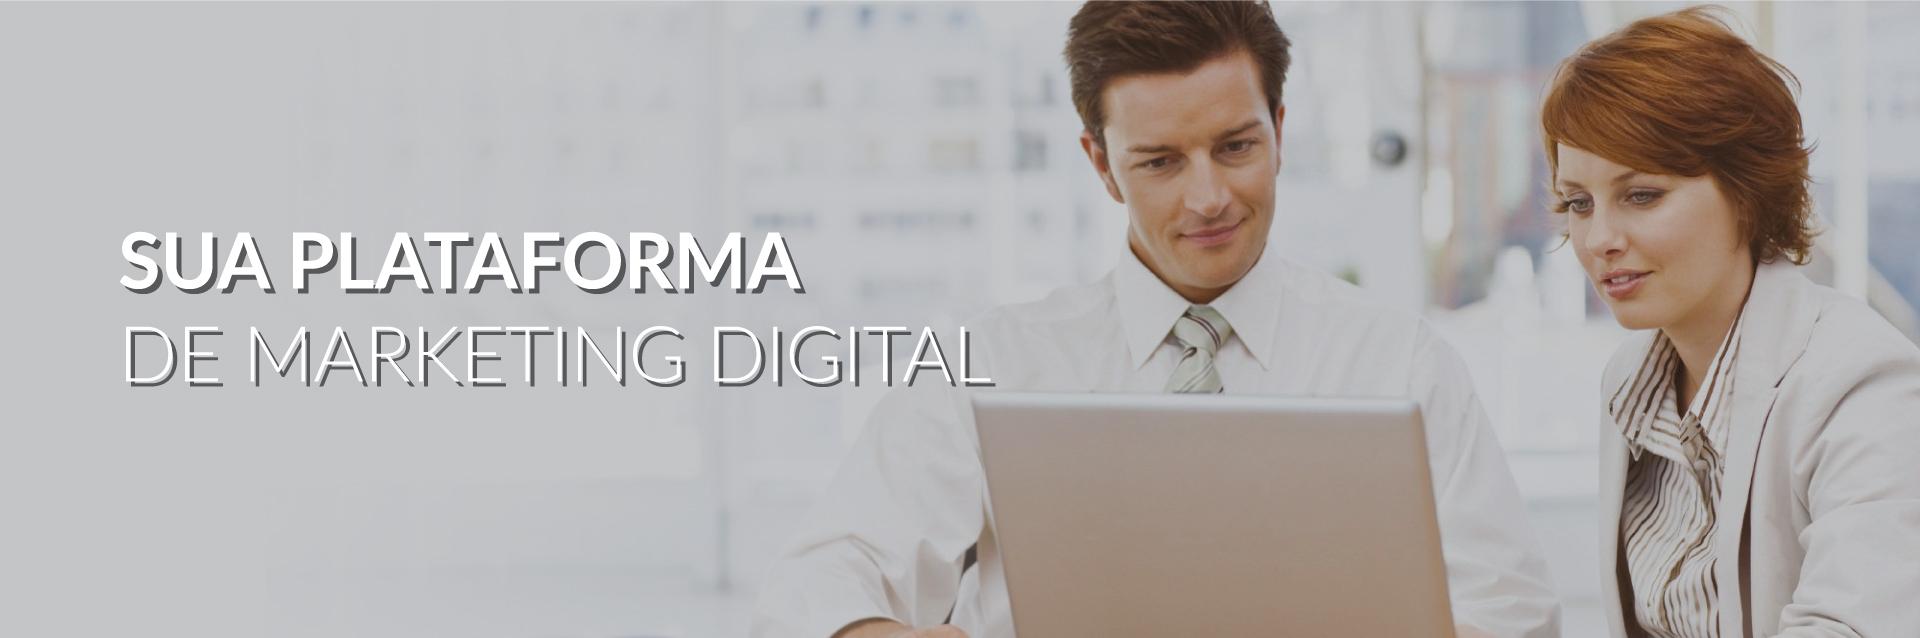 sua_plataforma_de_marketing_digital